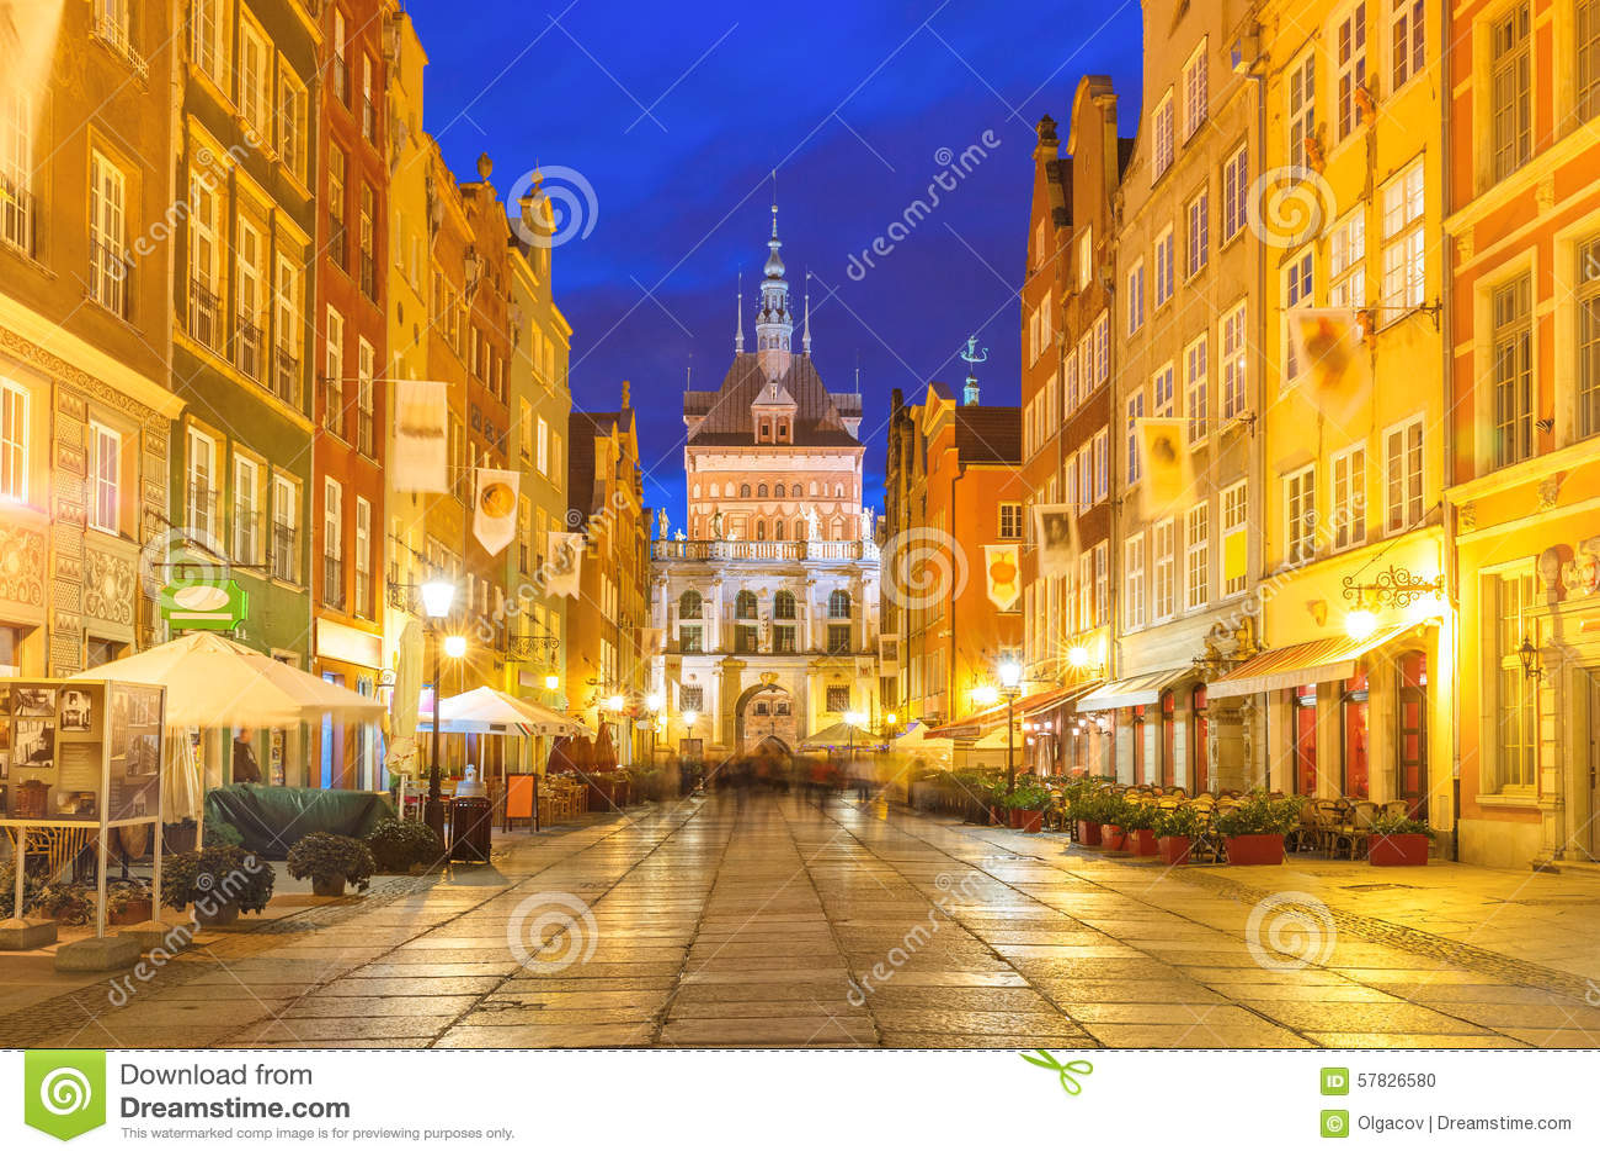 Longue ruelle et Golden Gate, vieille ville de Danzig, Pologne